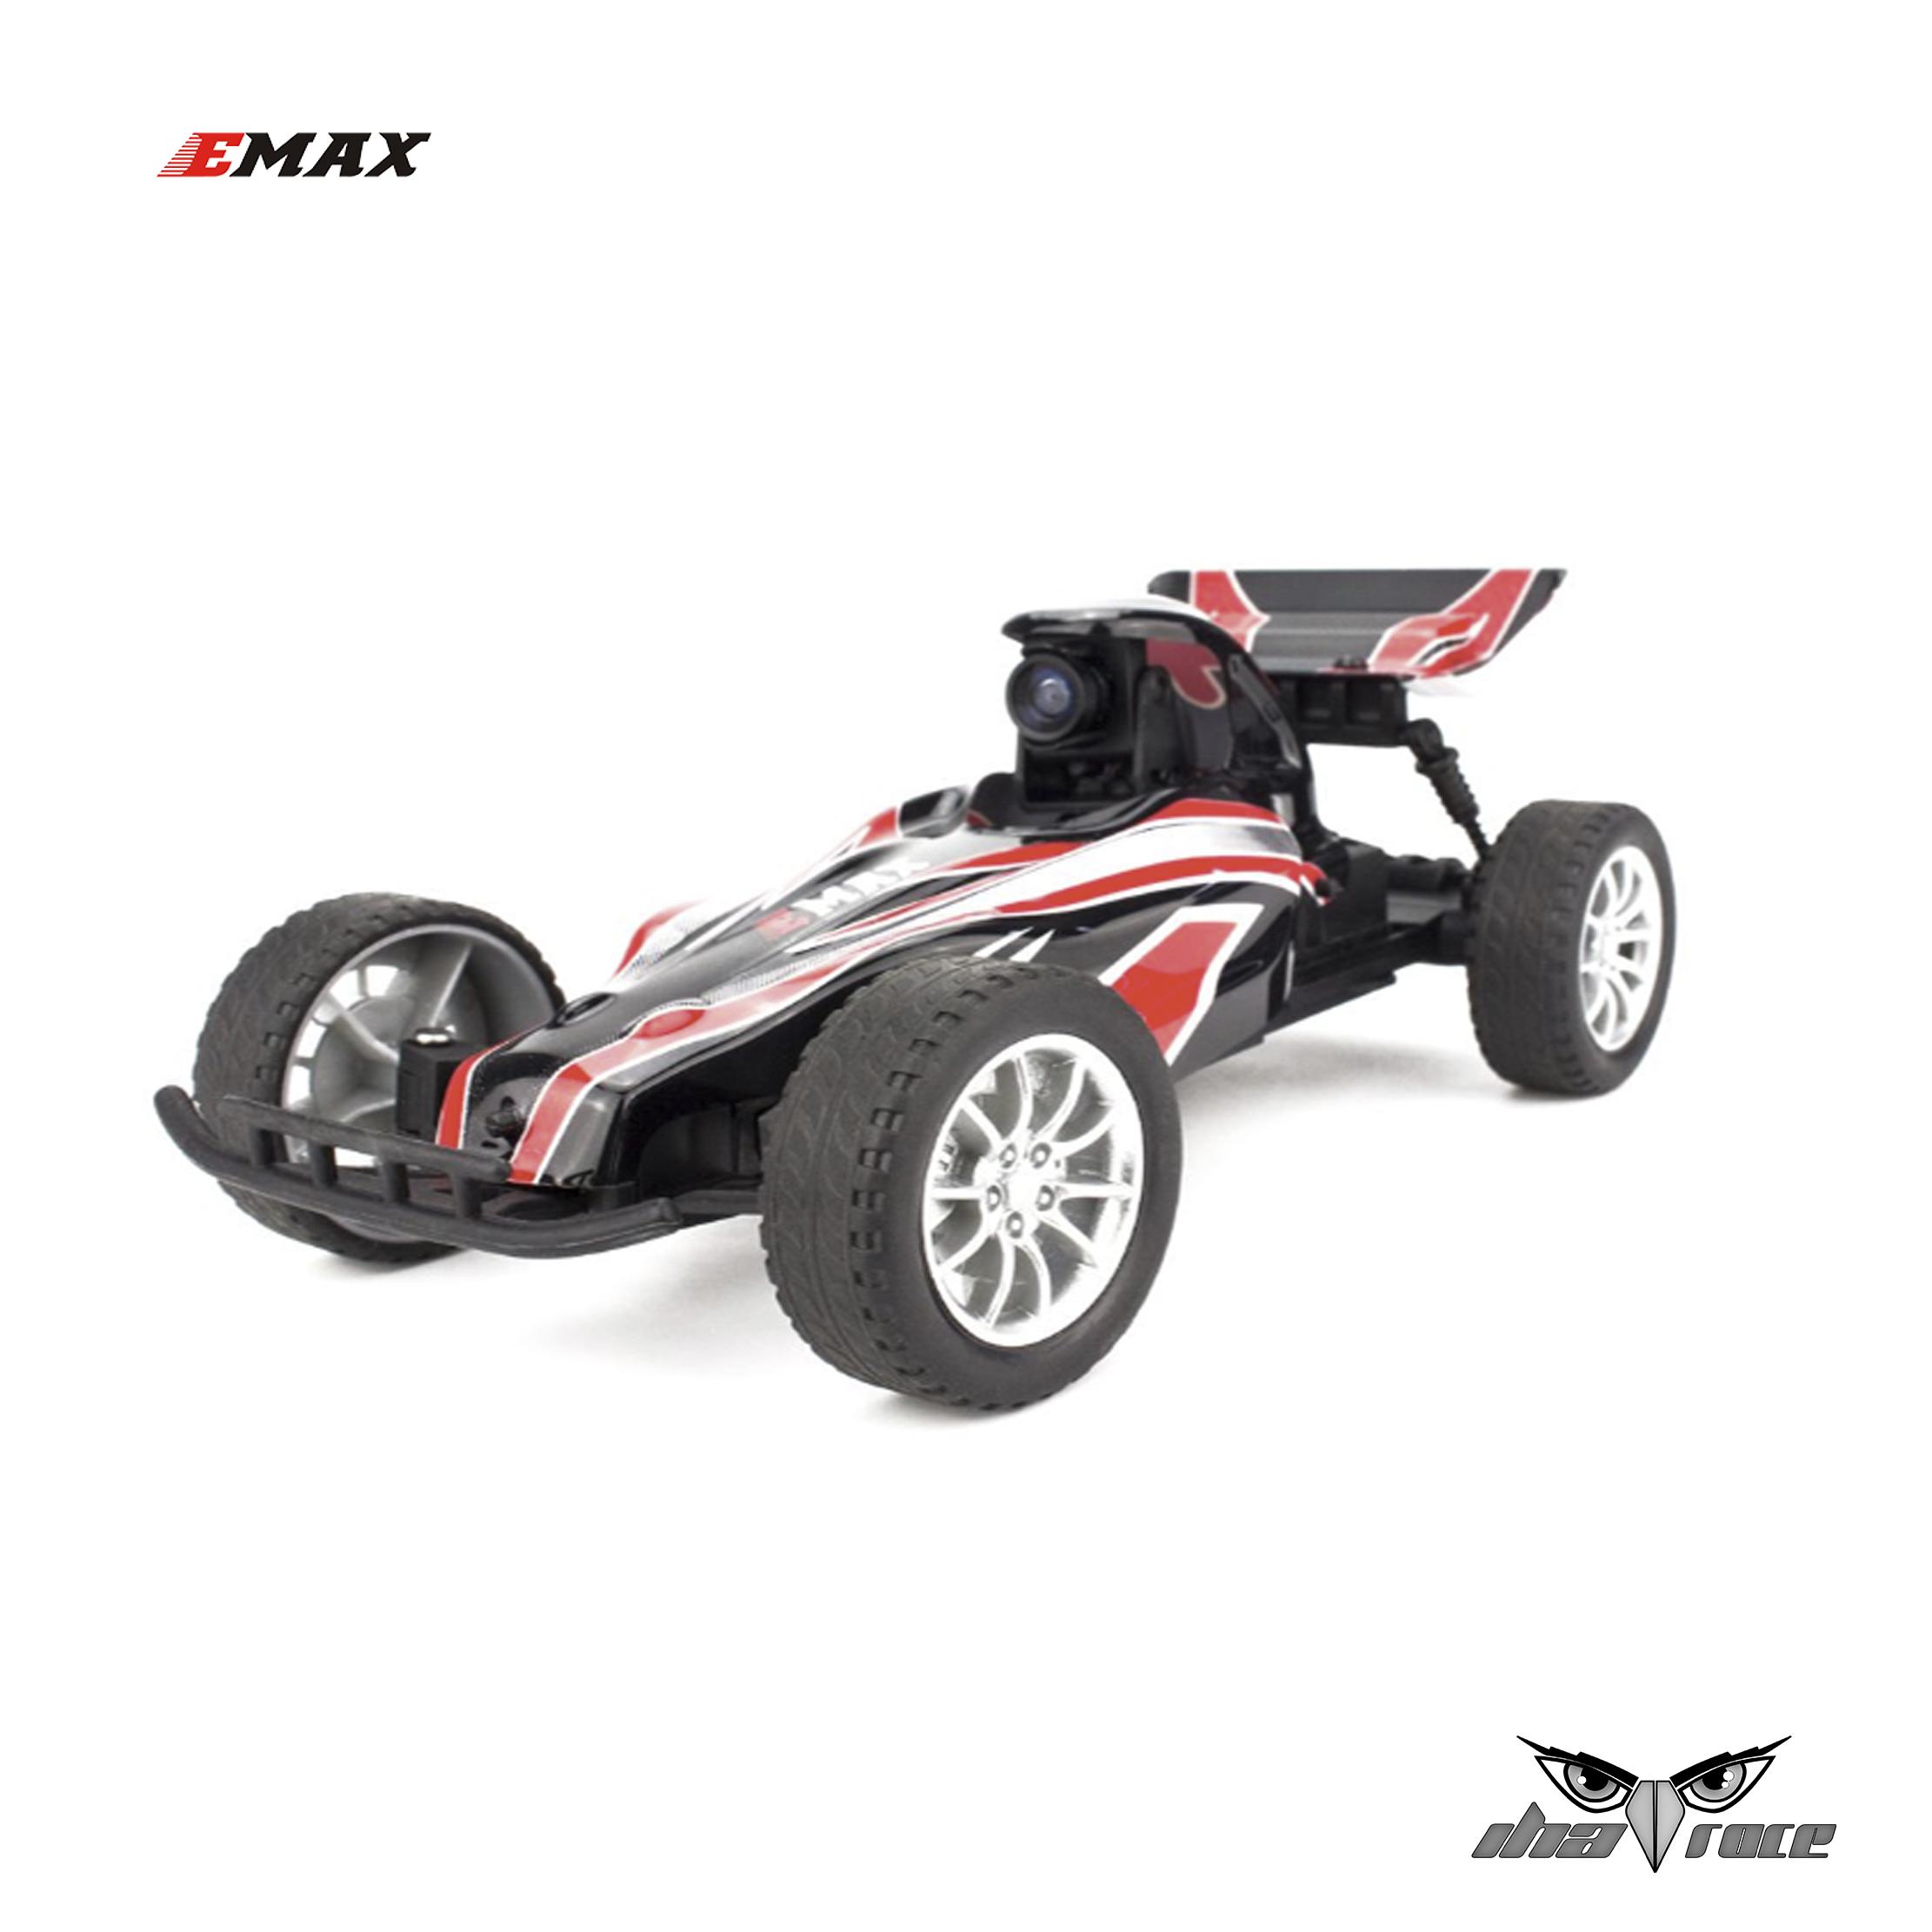 EMAX Interceptor RaceView